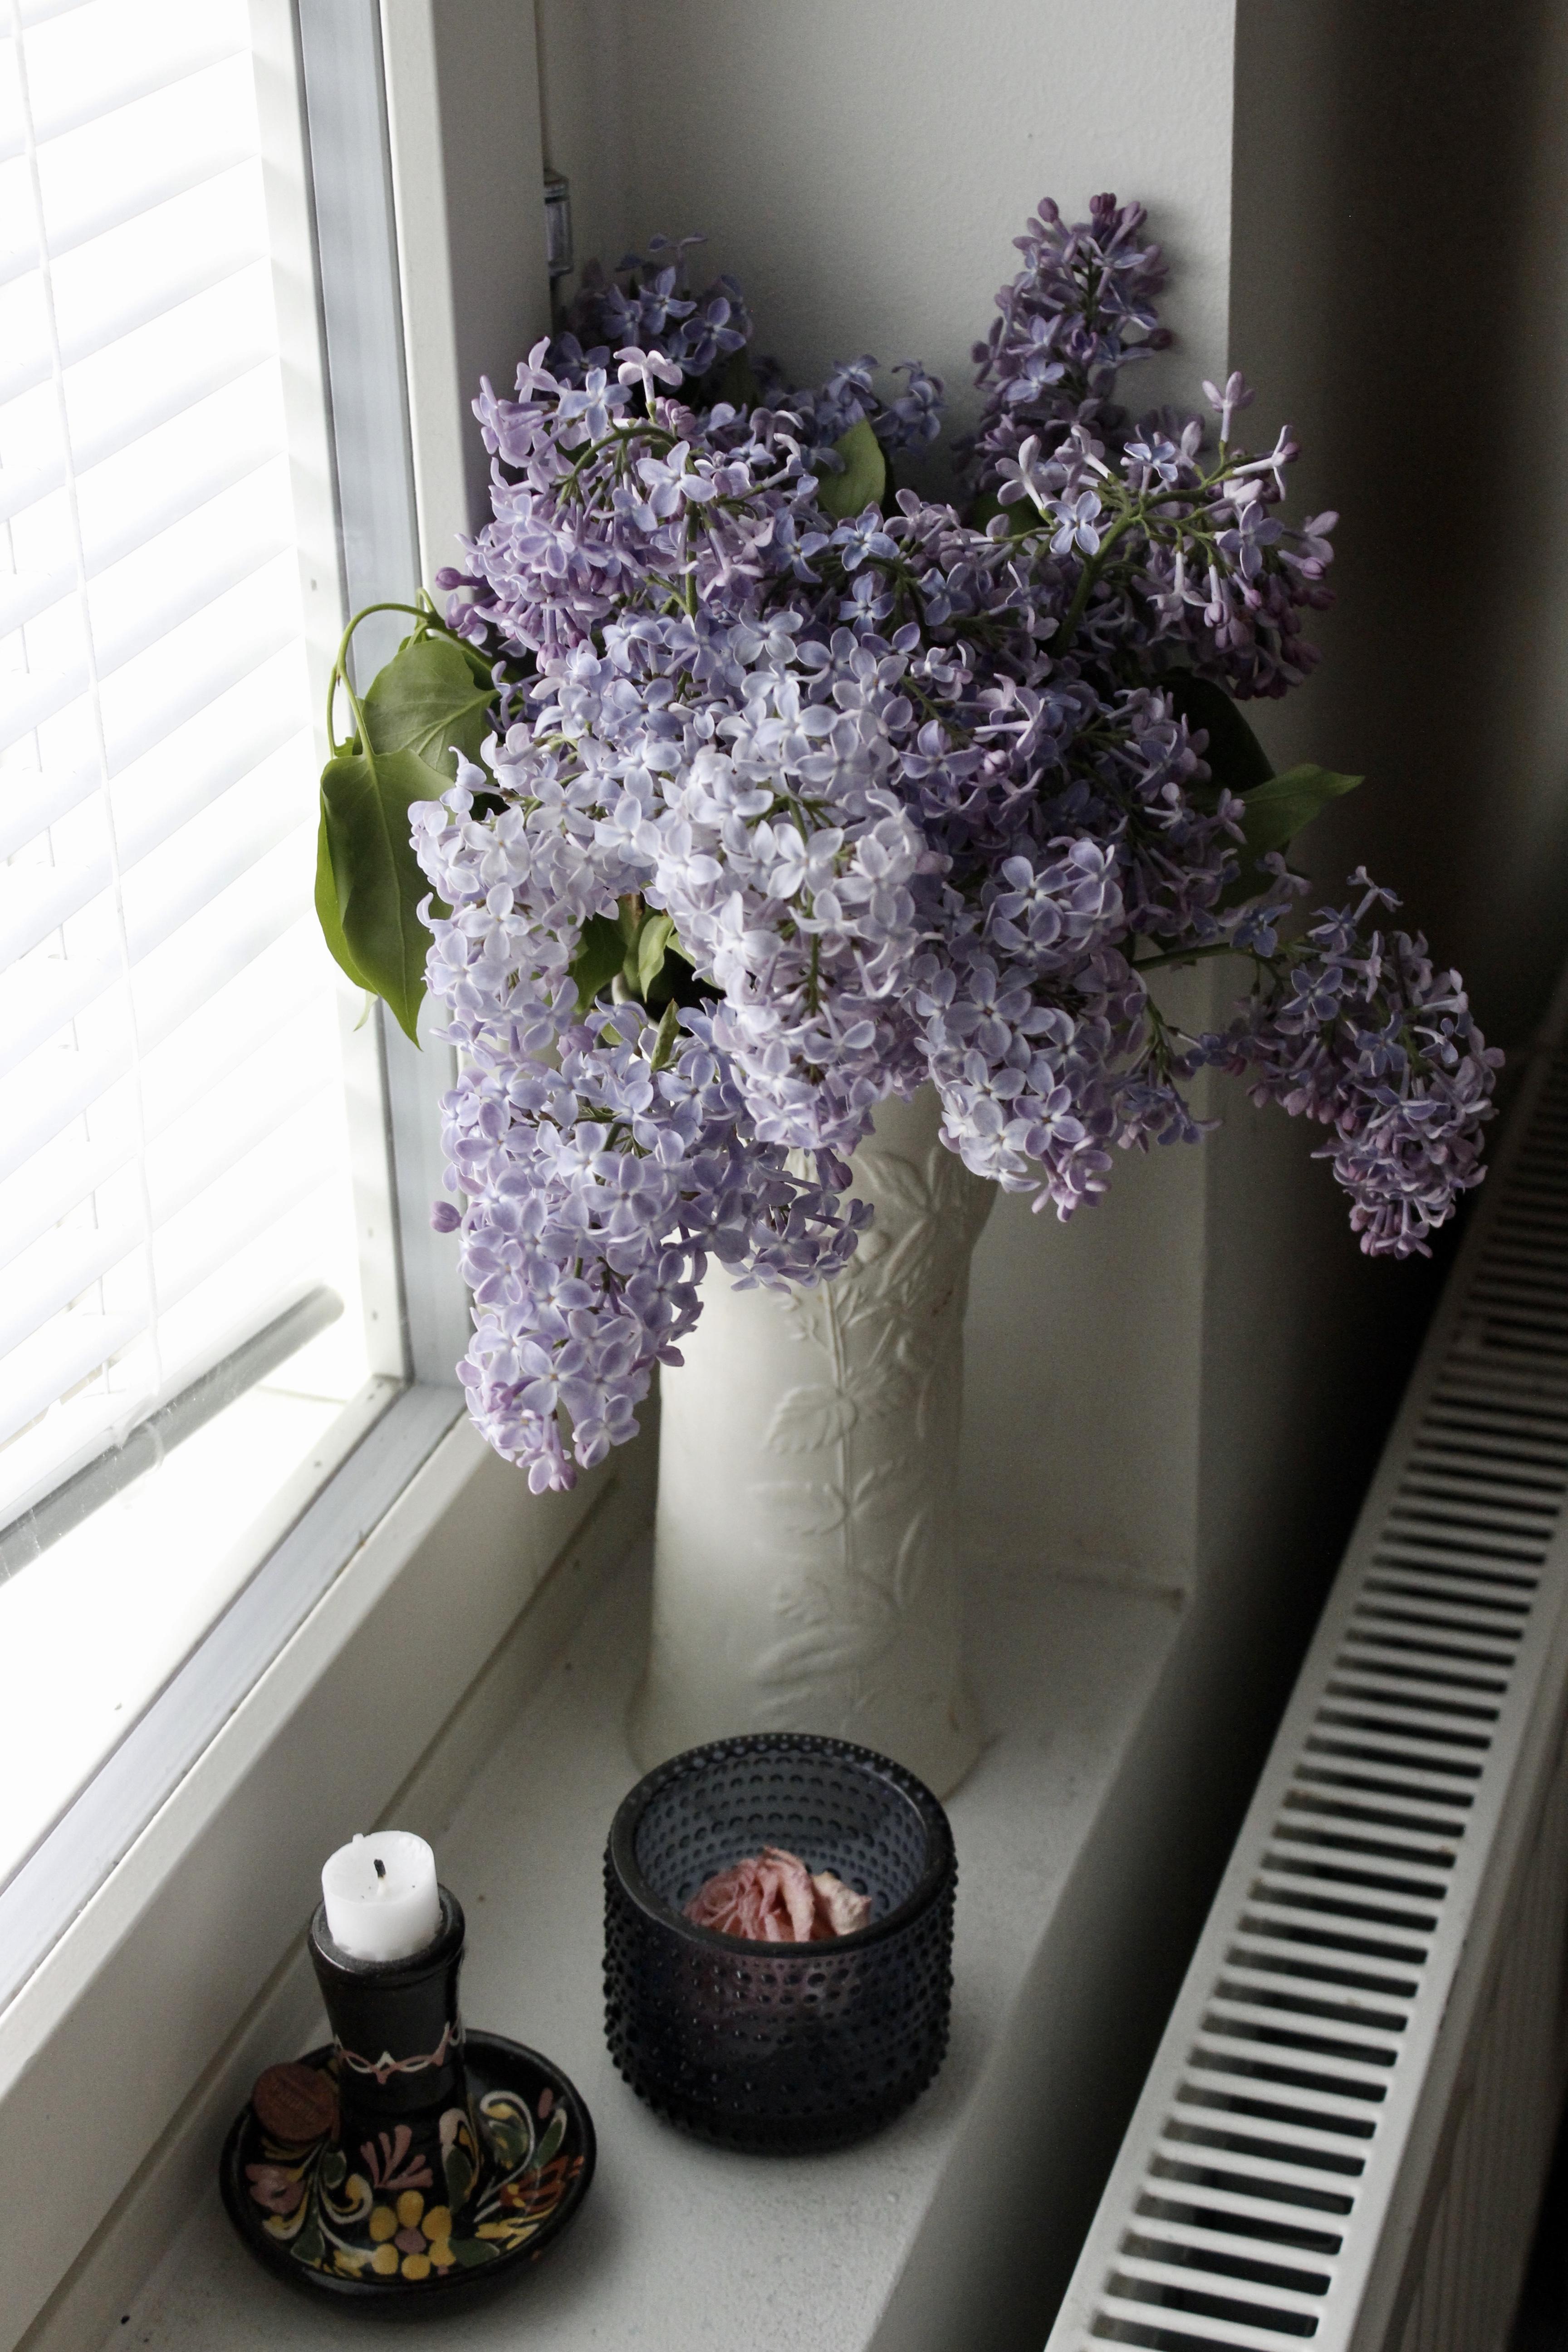 Kesäkuun alun ilahduttavia asioita: koti täynnä kukkia, tv-sarja ja sheet maskit New Yorkista